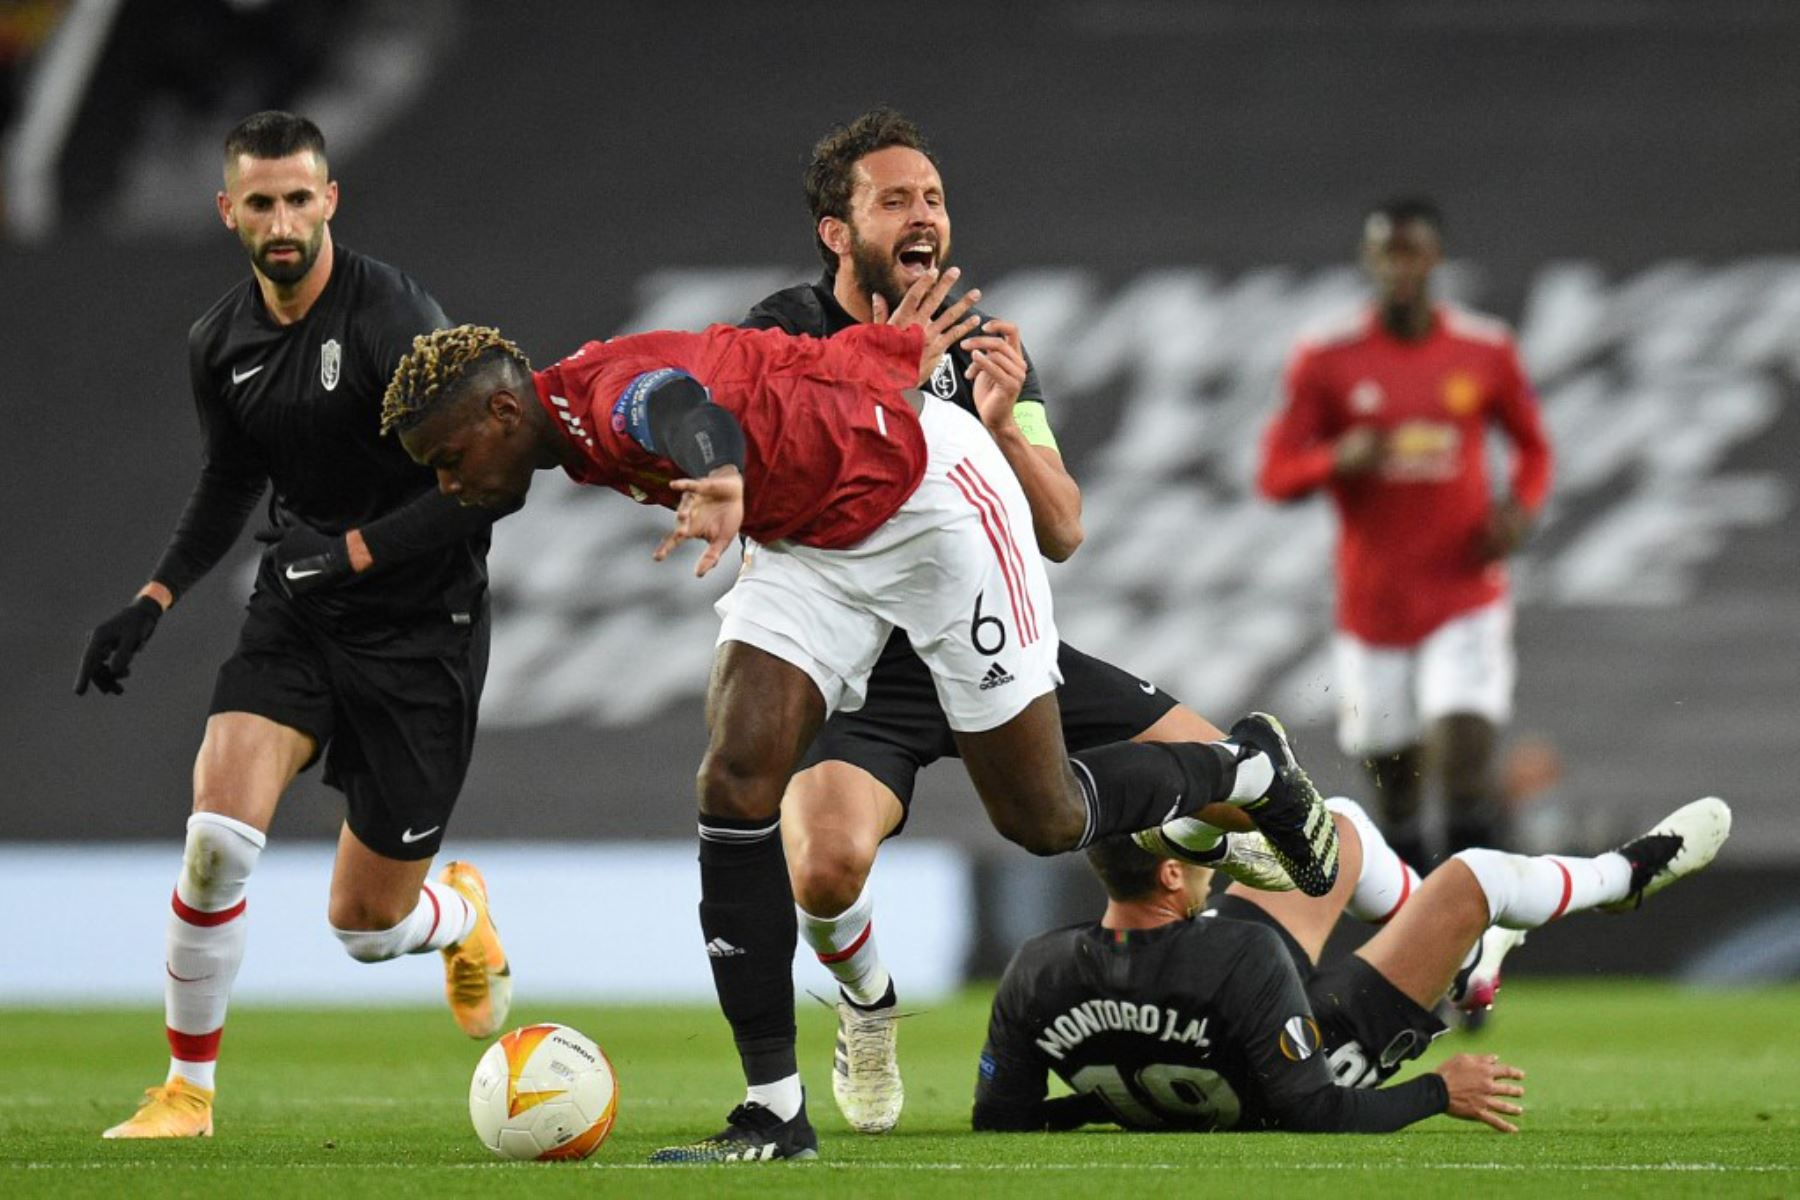 El centrocampista francés del Manchester United Paul Pogba (C) está amonestado por esta falta durante los cuartos de final de la UEFA Europa League, partido de vuelta entre el Manchester United y el Granada.  Foto:AFP